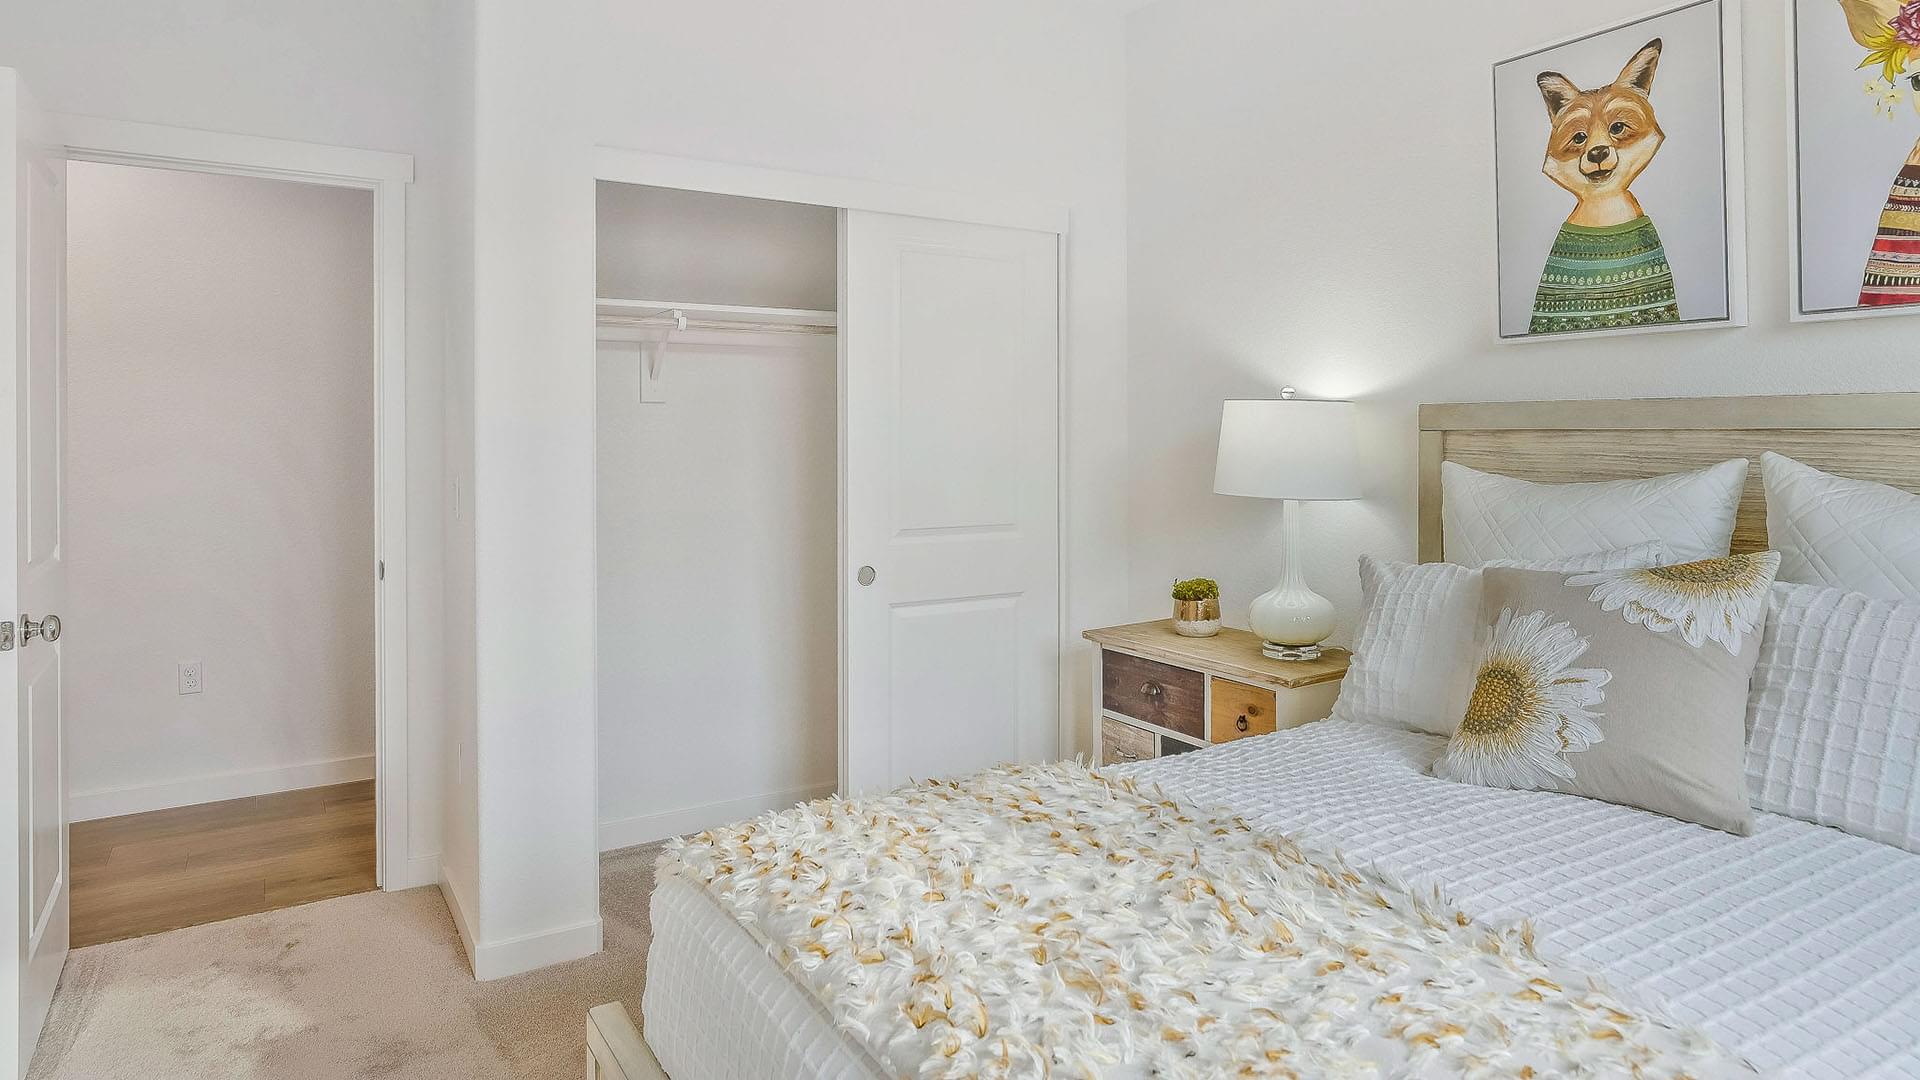 Residence 3 Alt Bedroom 2